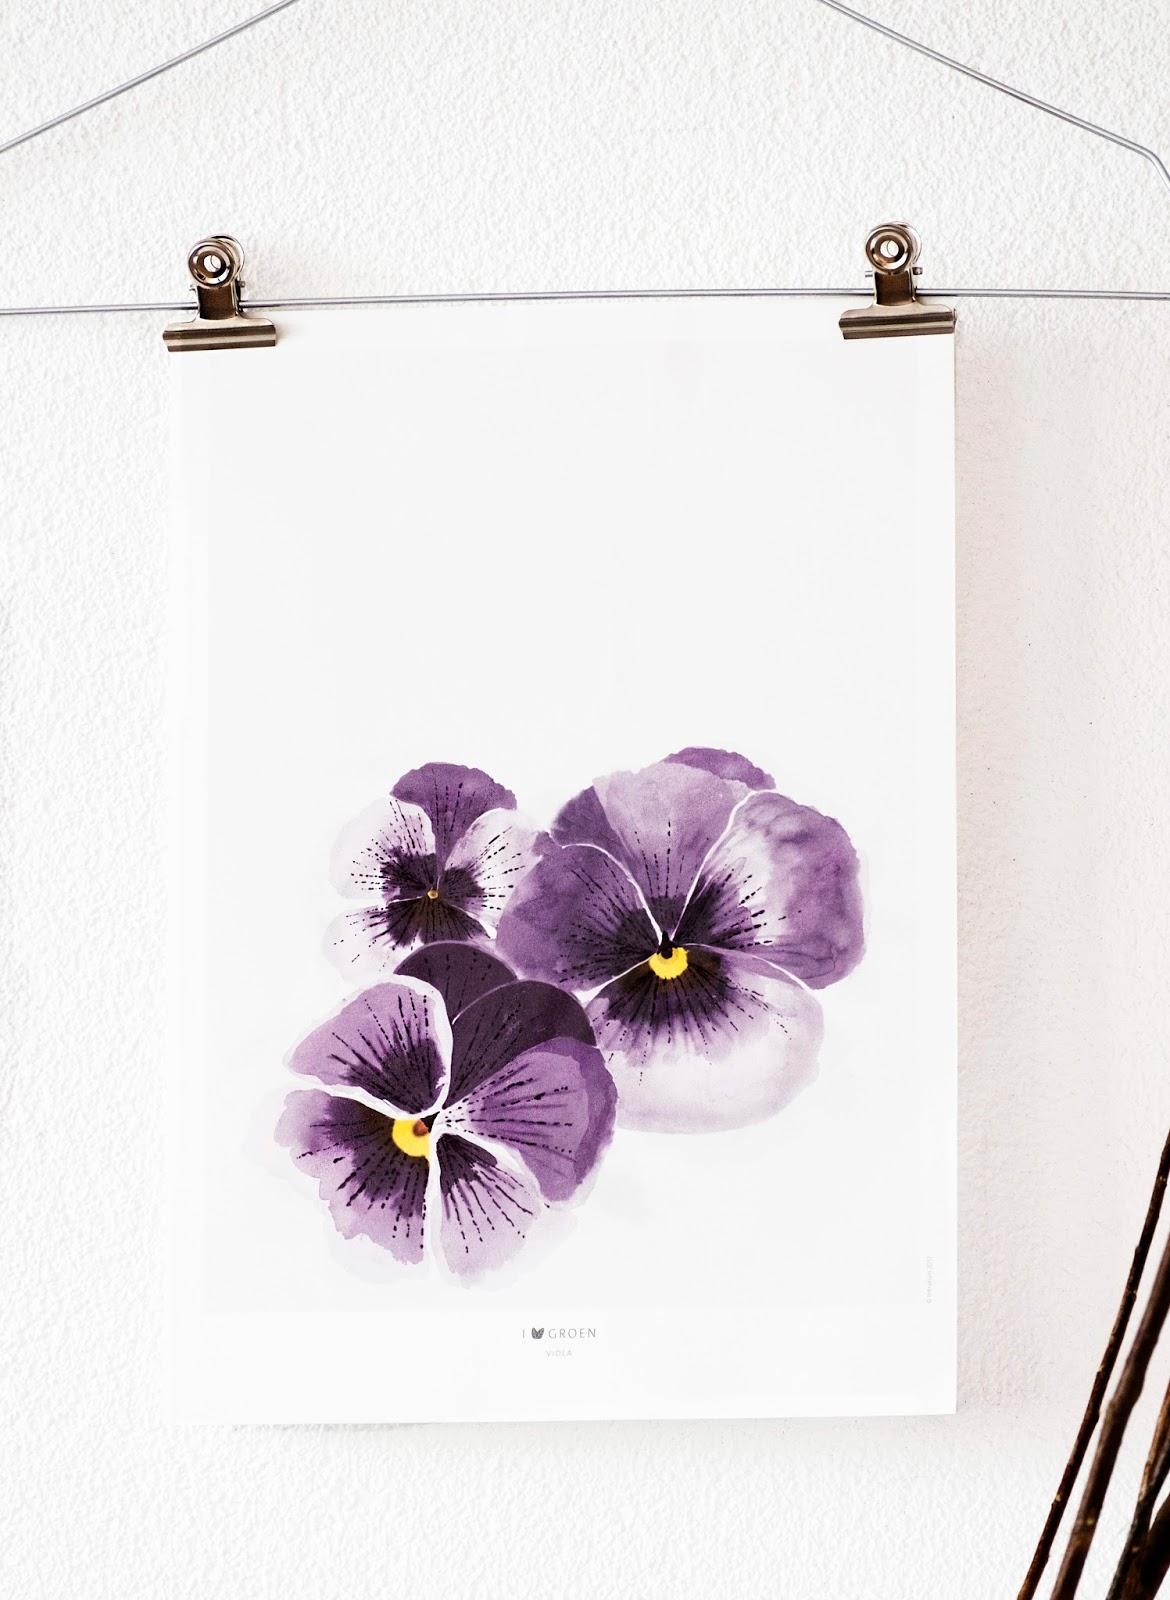 Met een kledinghanger draad, kun je ook hele mooie posters en foto's van A4 formaat op hangen.